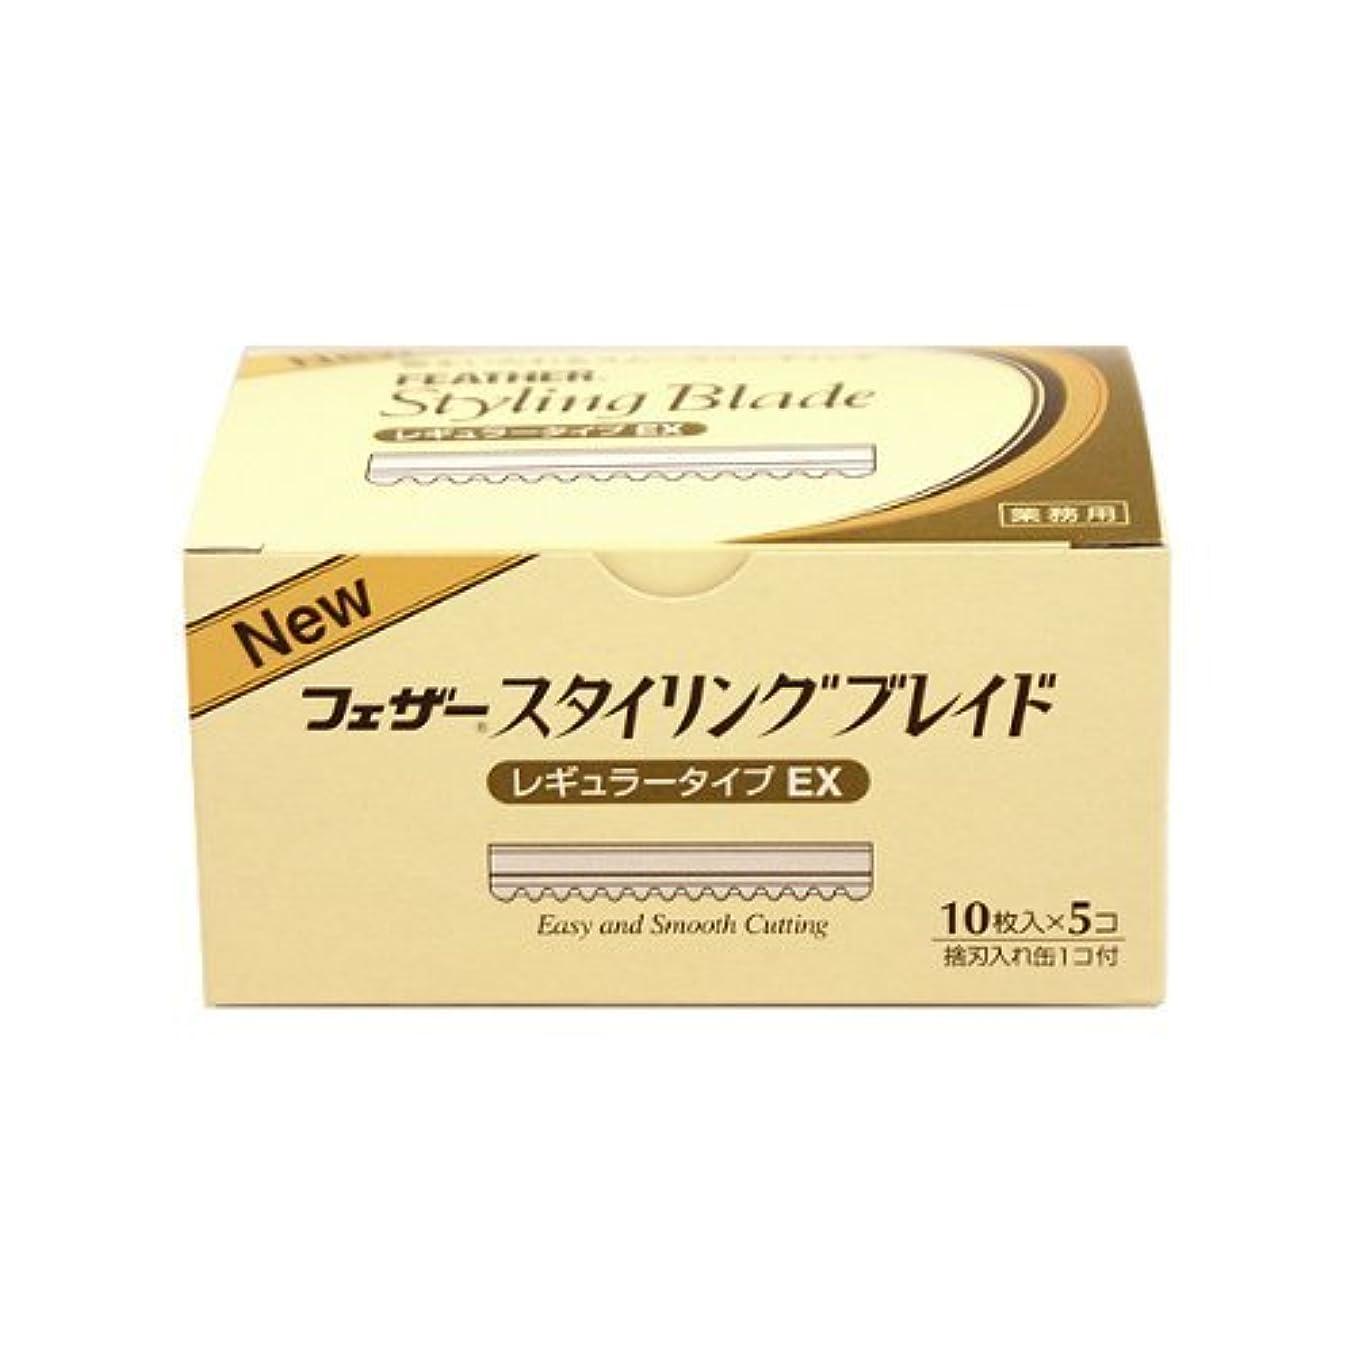 狭い顔料スイッチフェザー スタイリングブレイド レギュラータイプEX 10枚入(CGEX-10)【5個セット】